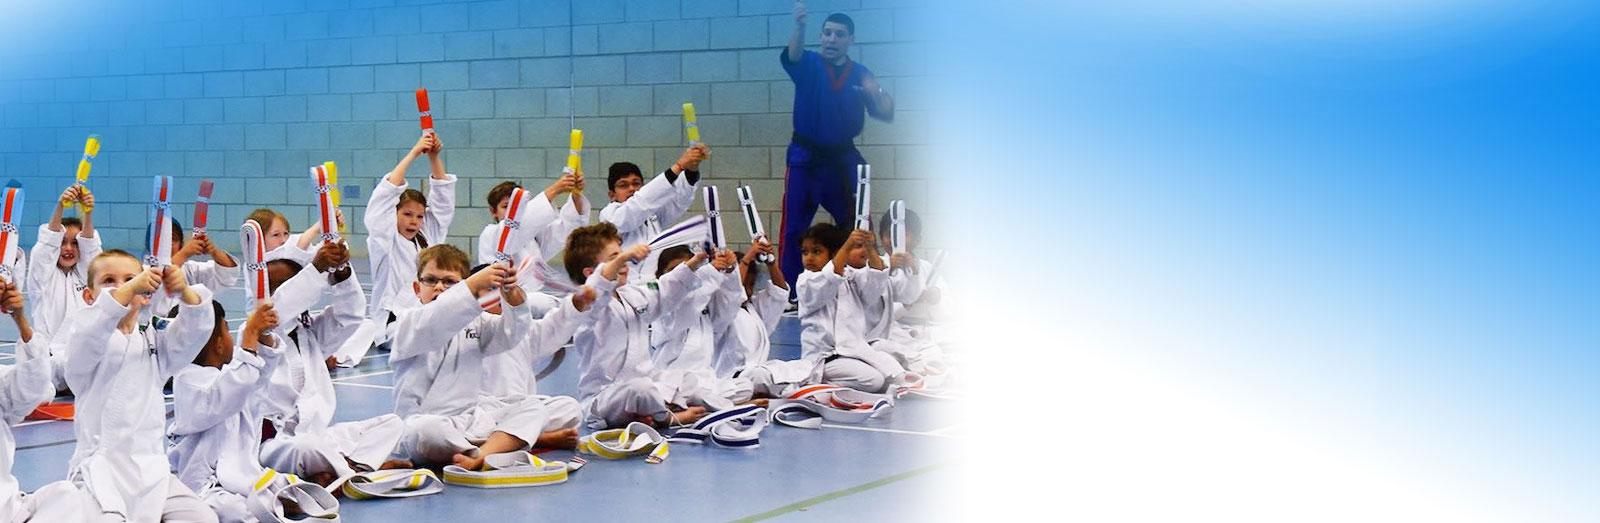 kids martial arts classes slough london